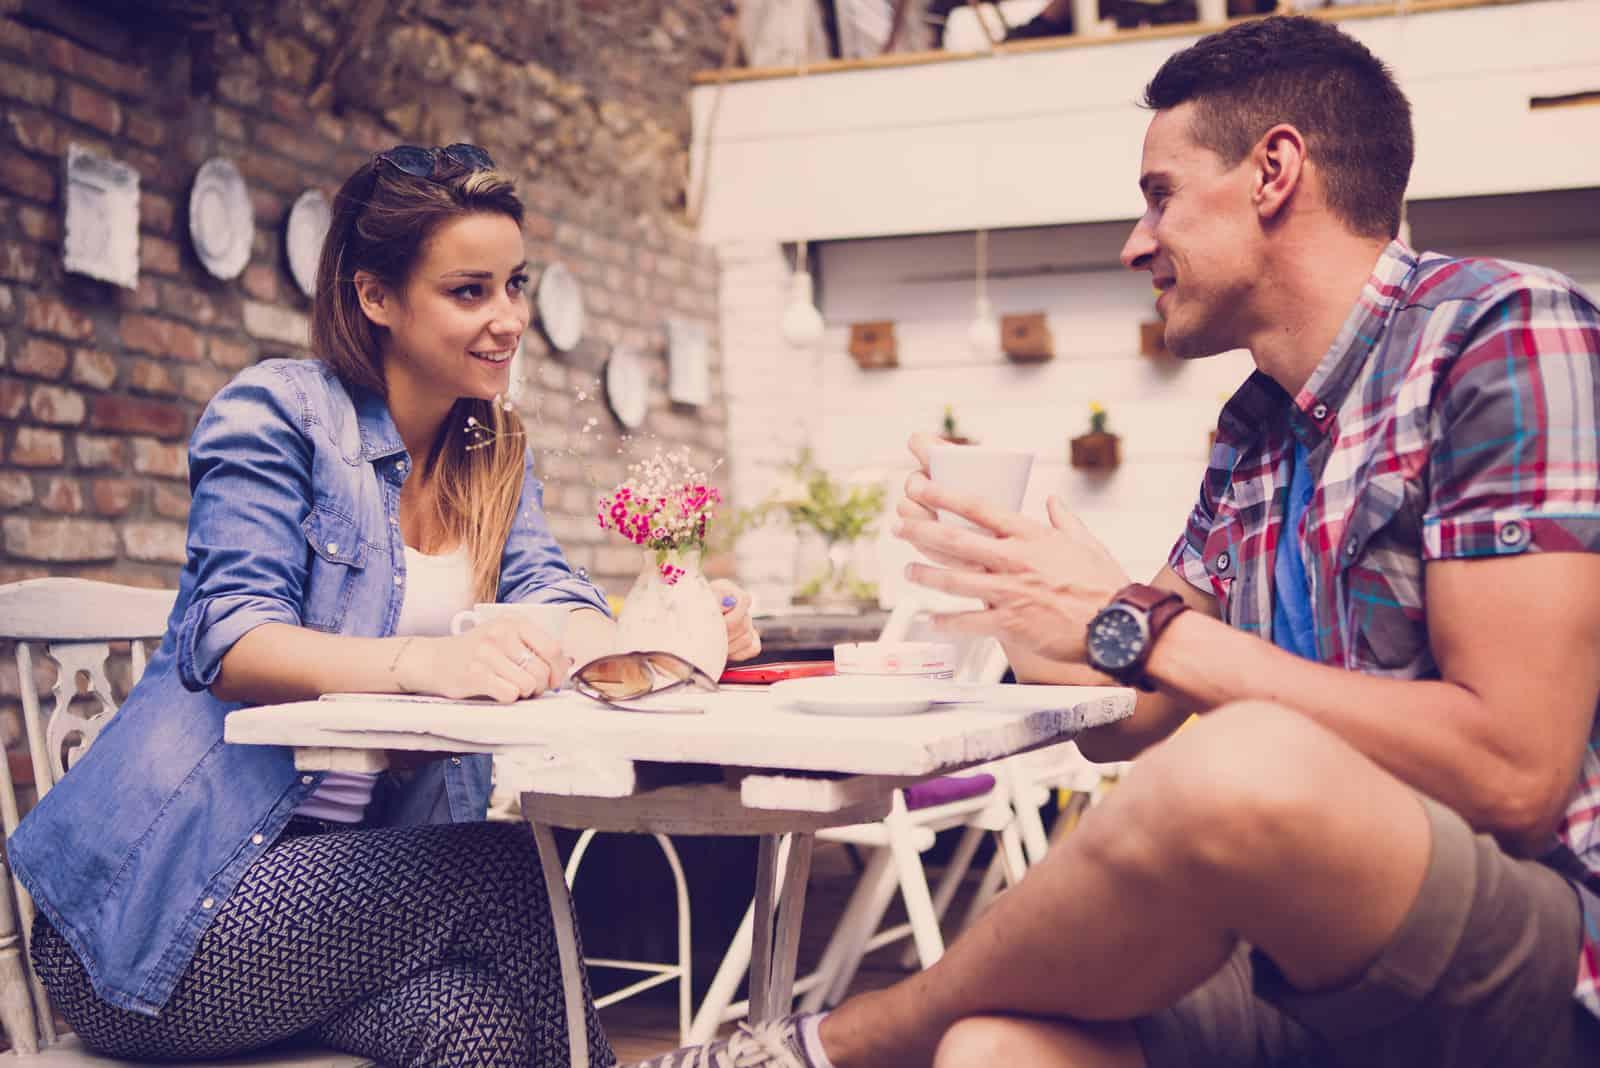 un couple amoureux assis autour d'un café en train de parler